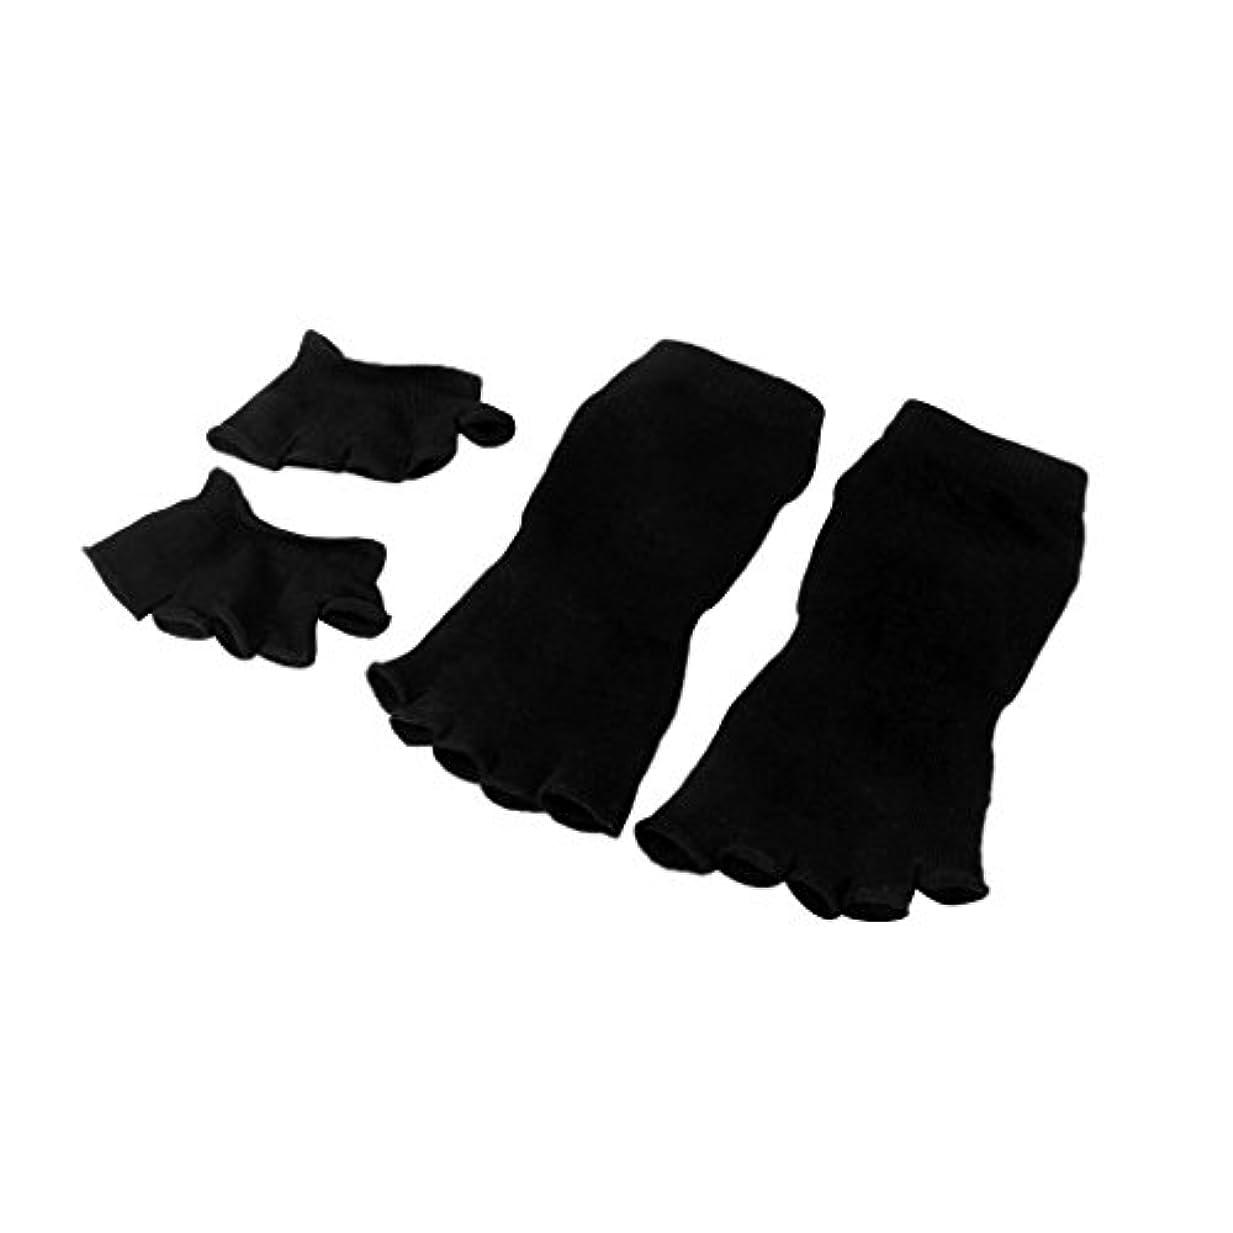 リラックスした繁栄計算【Footful】ソックス 靴下 5本指つま先ソックス+爽快指の間カバー 4枚組 黒